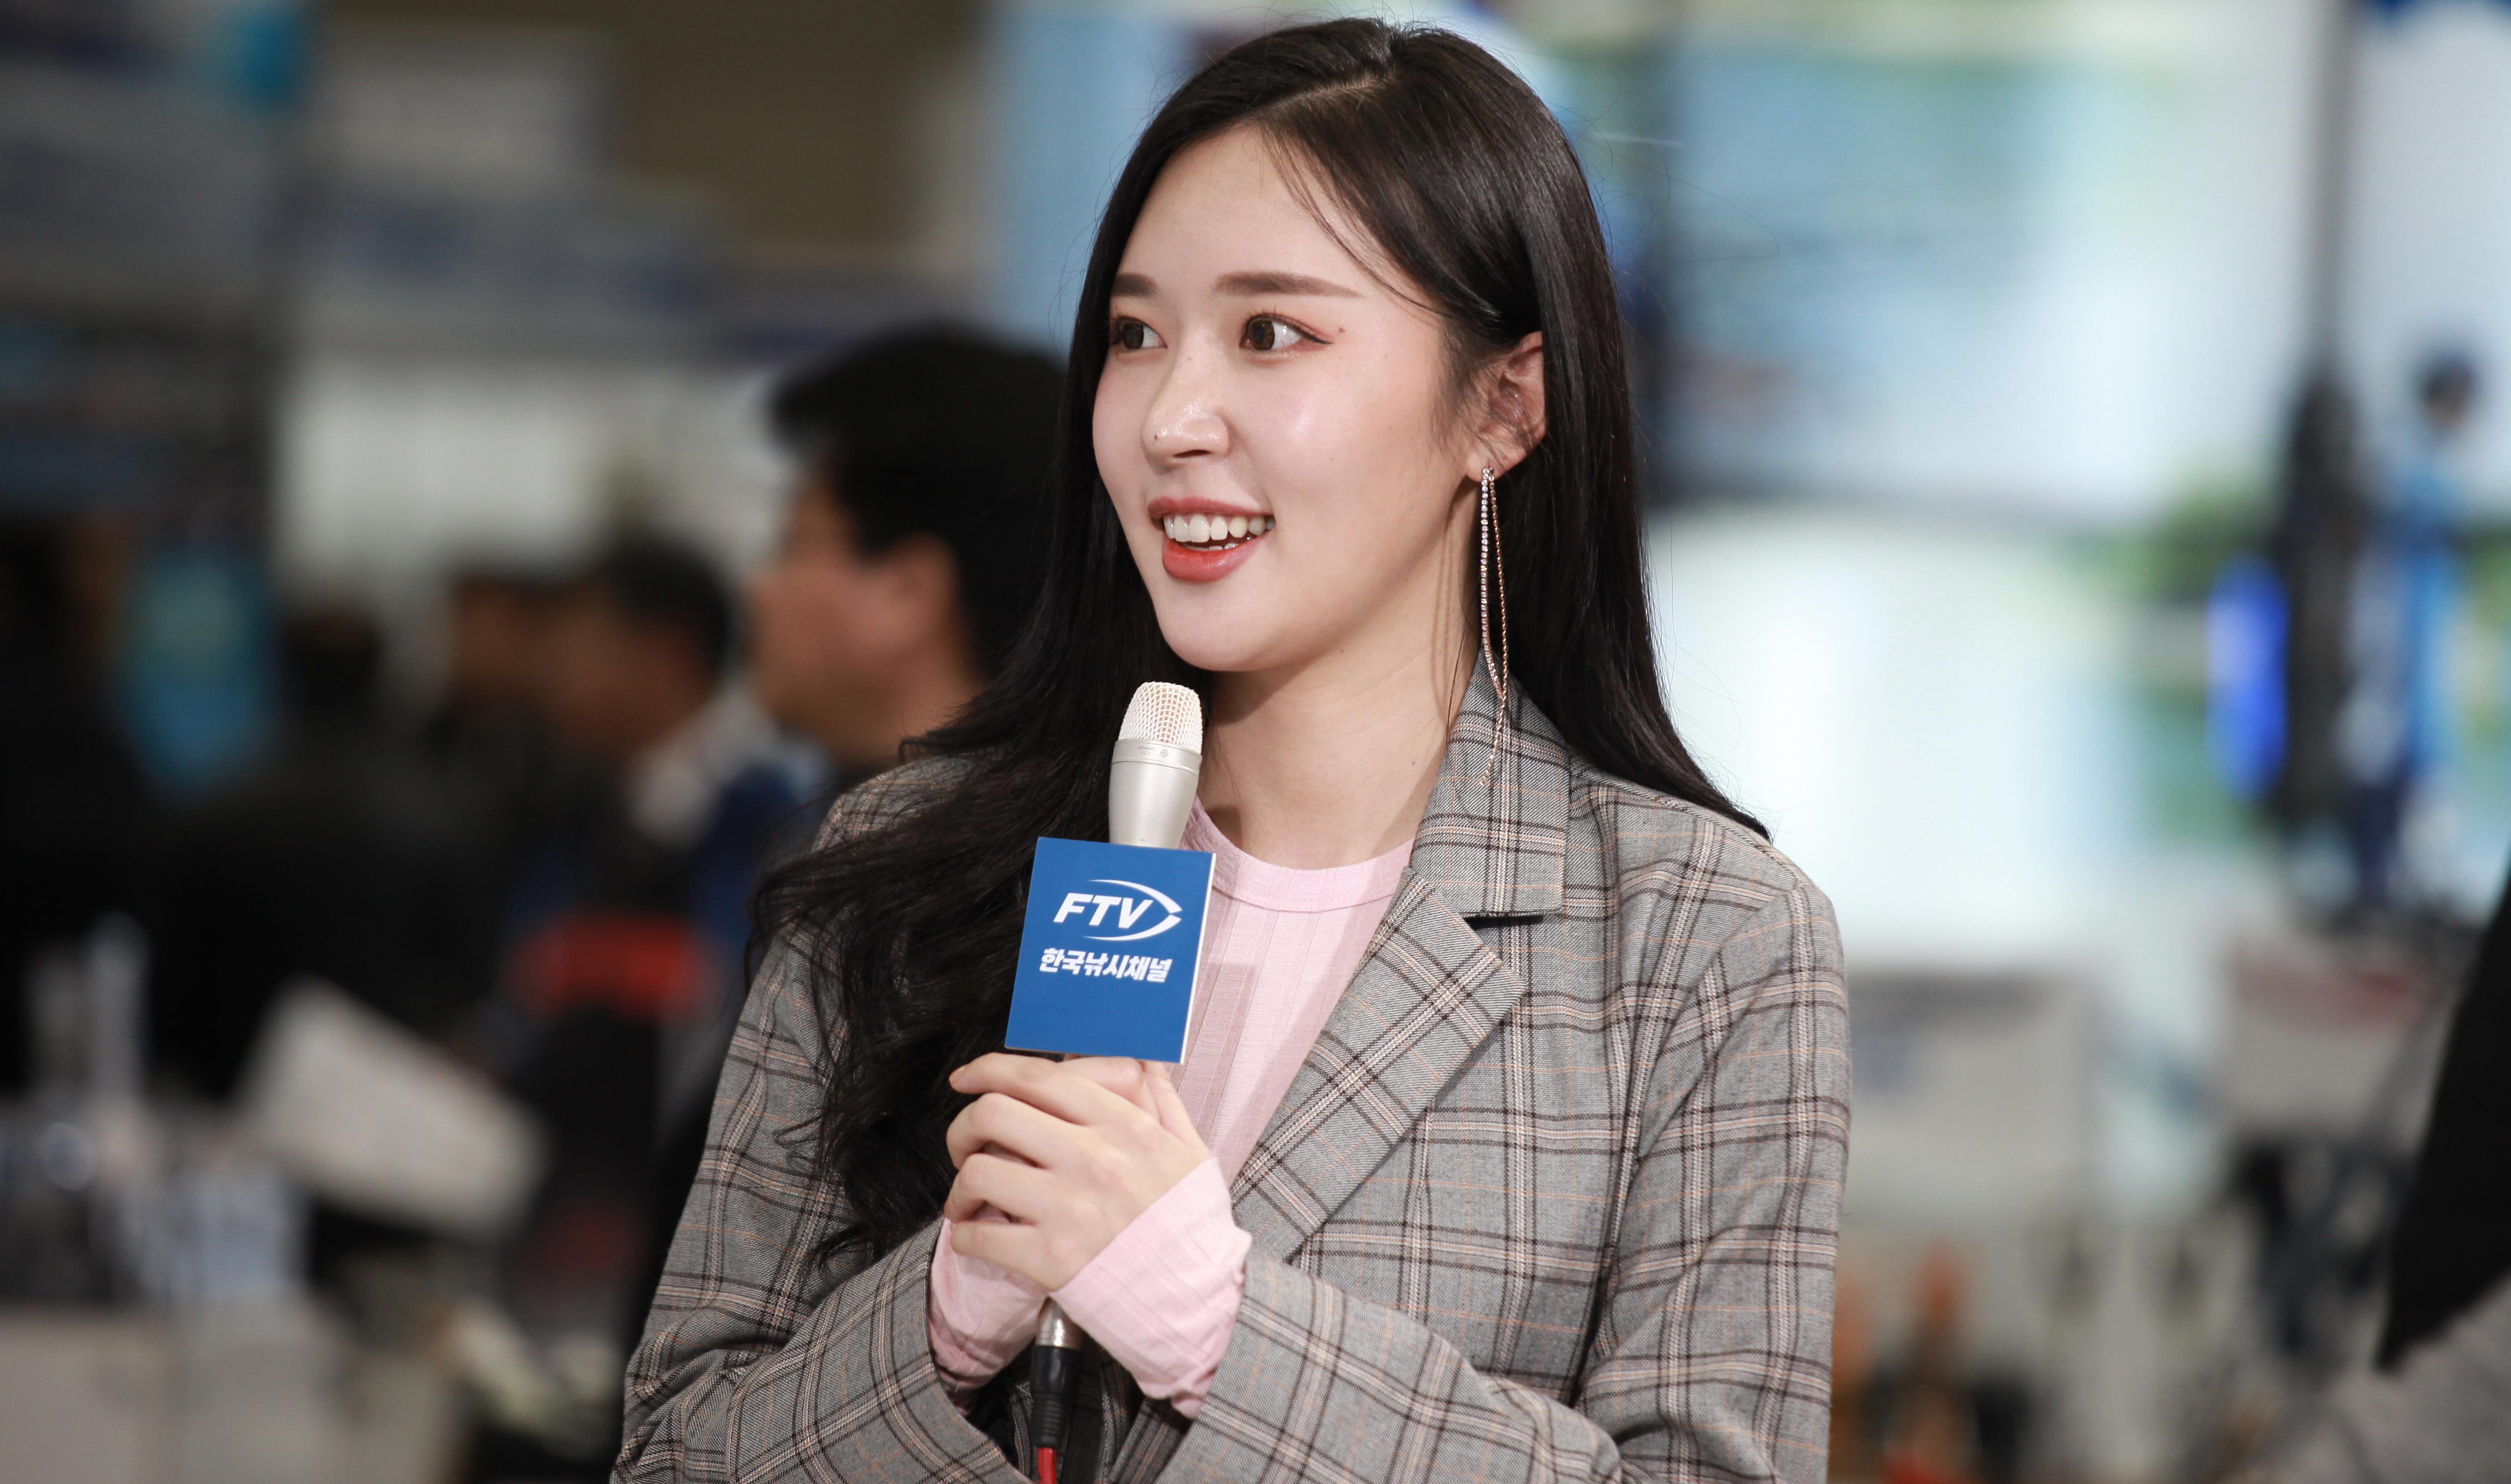 '앵글러쩡' 박희정, '2018한국국제낚시박람회' FTV 생방 깜짝 출연...'히든카드' 진행